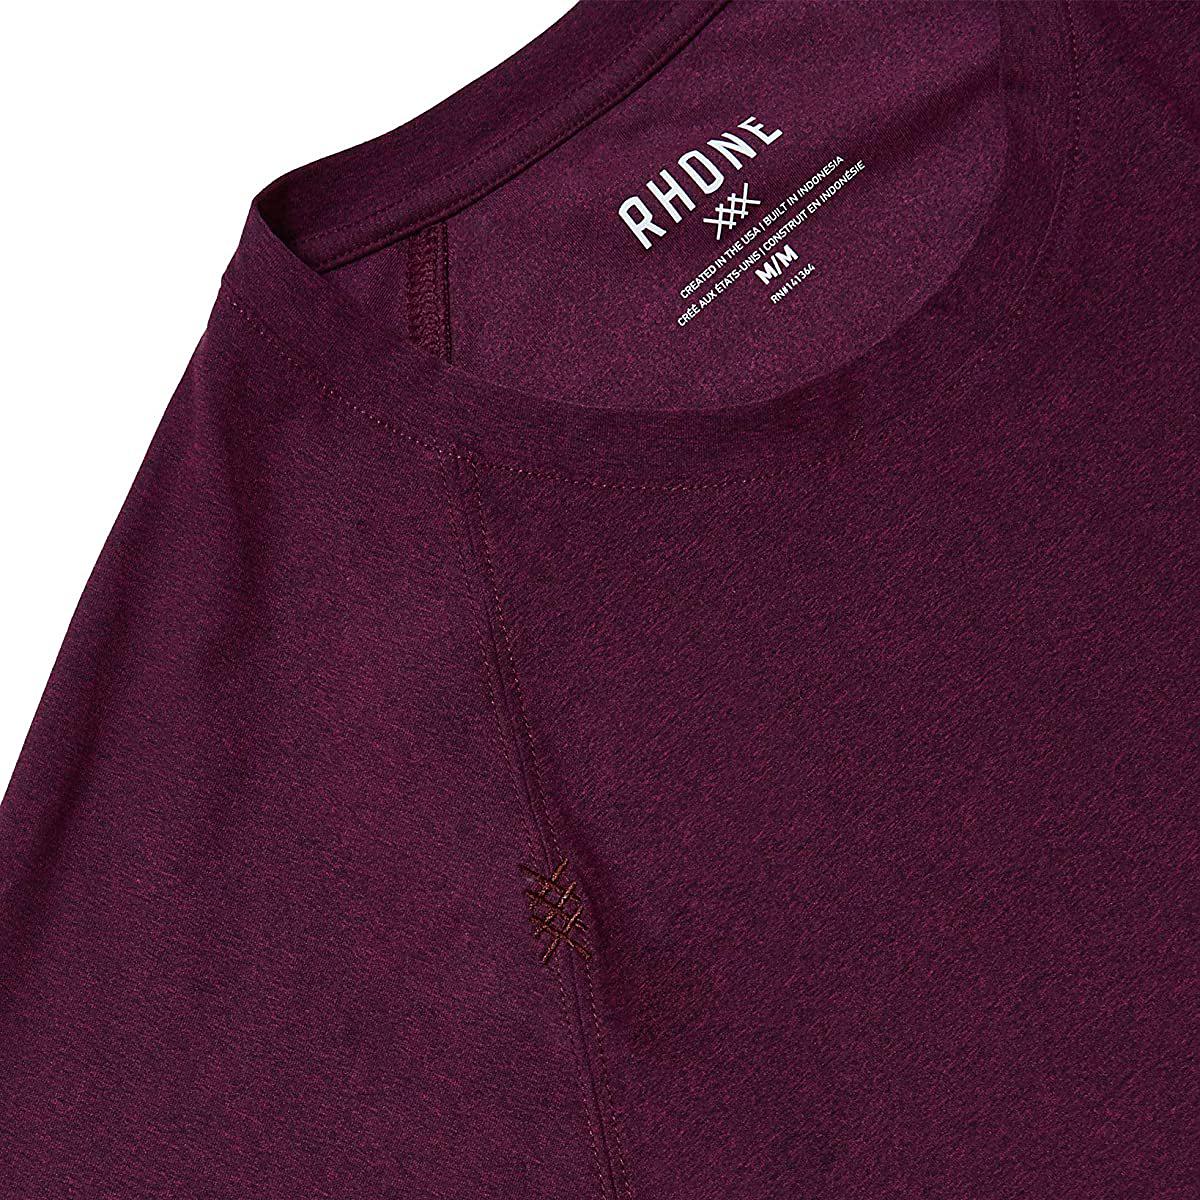 Men's Rhone Reign Short Sleeve - Color: Black/Fuschia - Size: S, Black/Fuschia, large, image 2